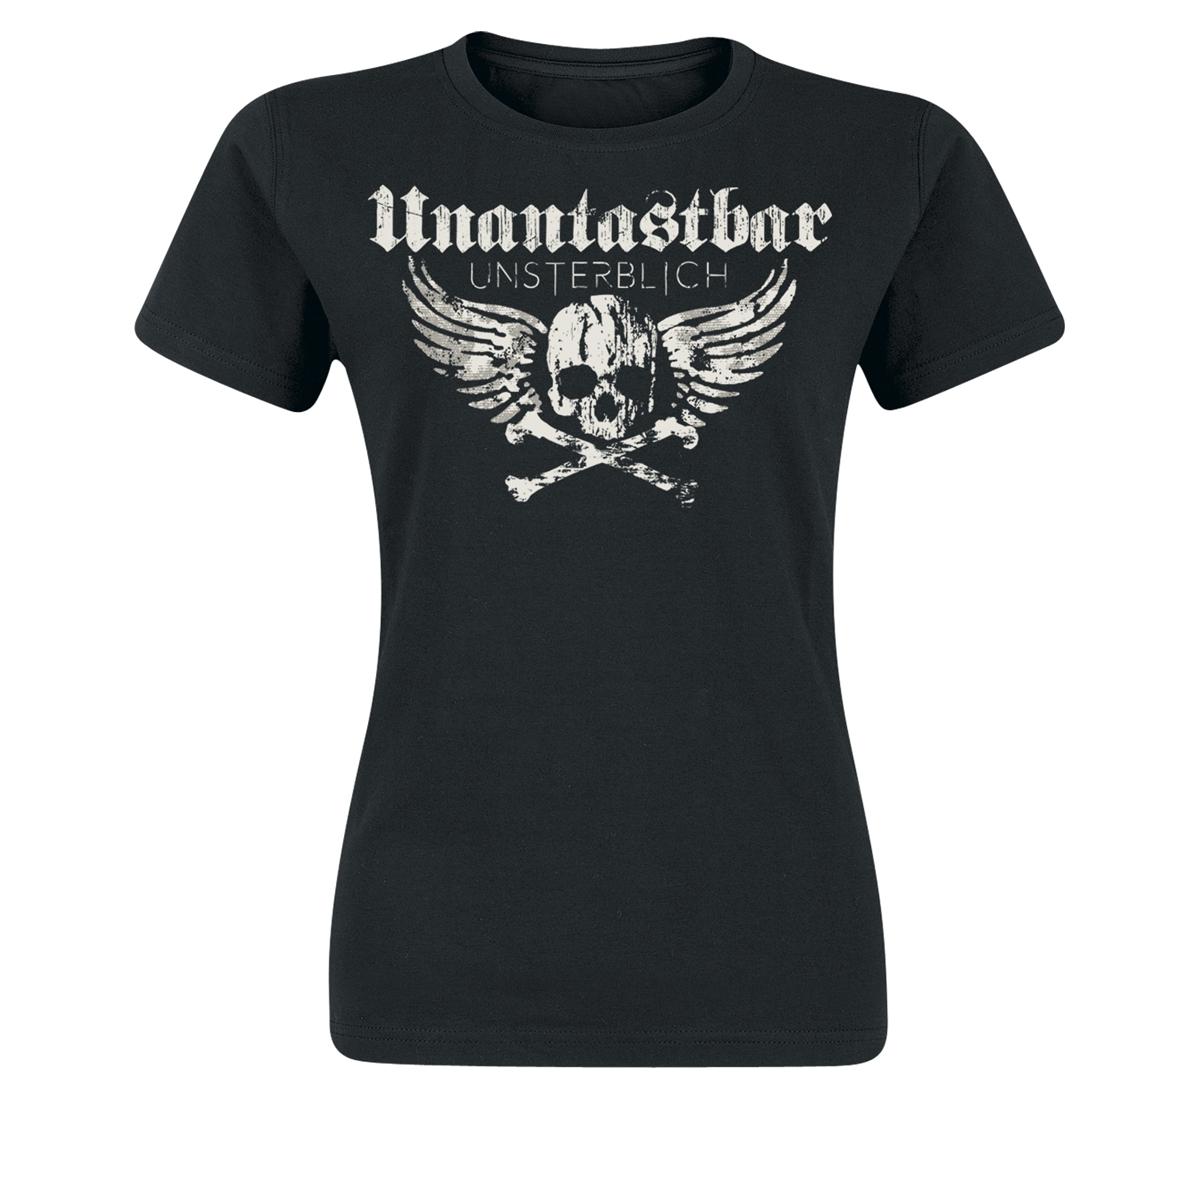 Unantastbar - Unsterblich, Girl-Shirt